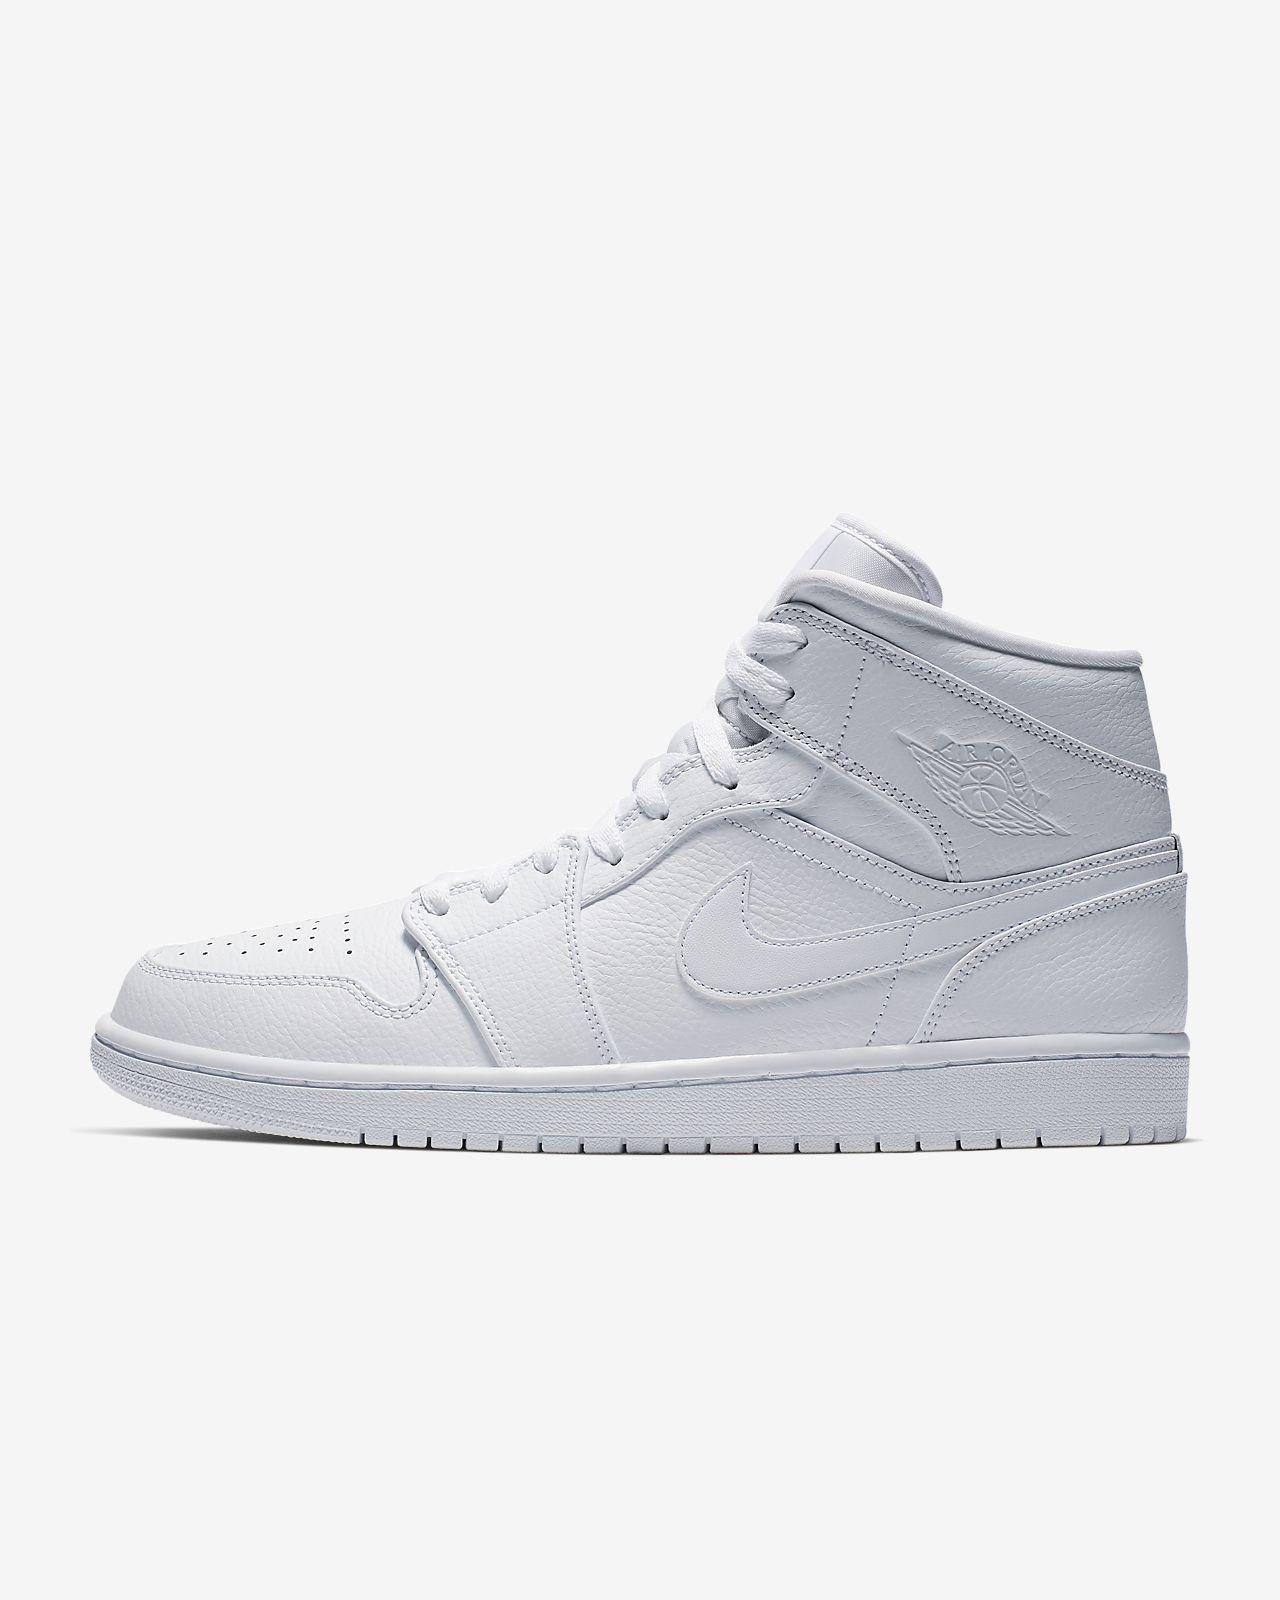 Air Jordan 1 Mid Zapatillas - Hombre. Nike.com ES 6430642c21f4e